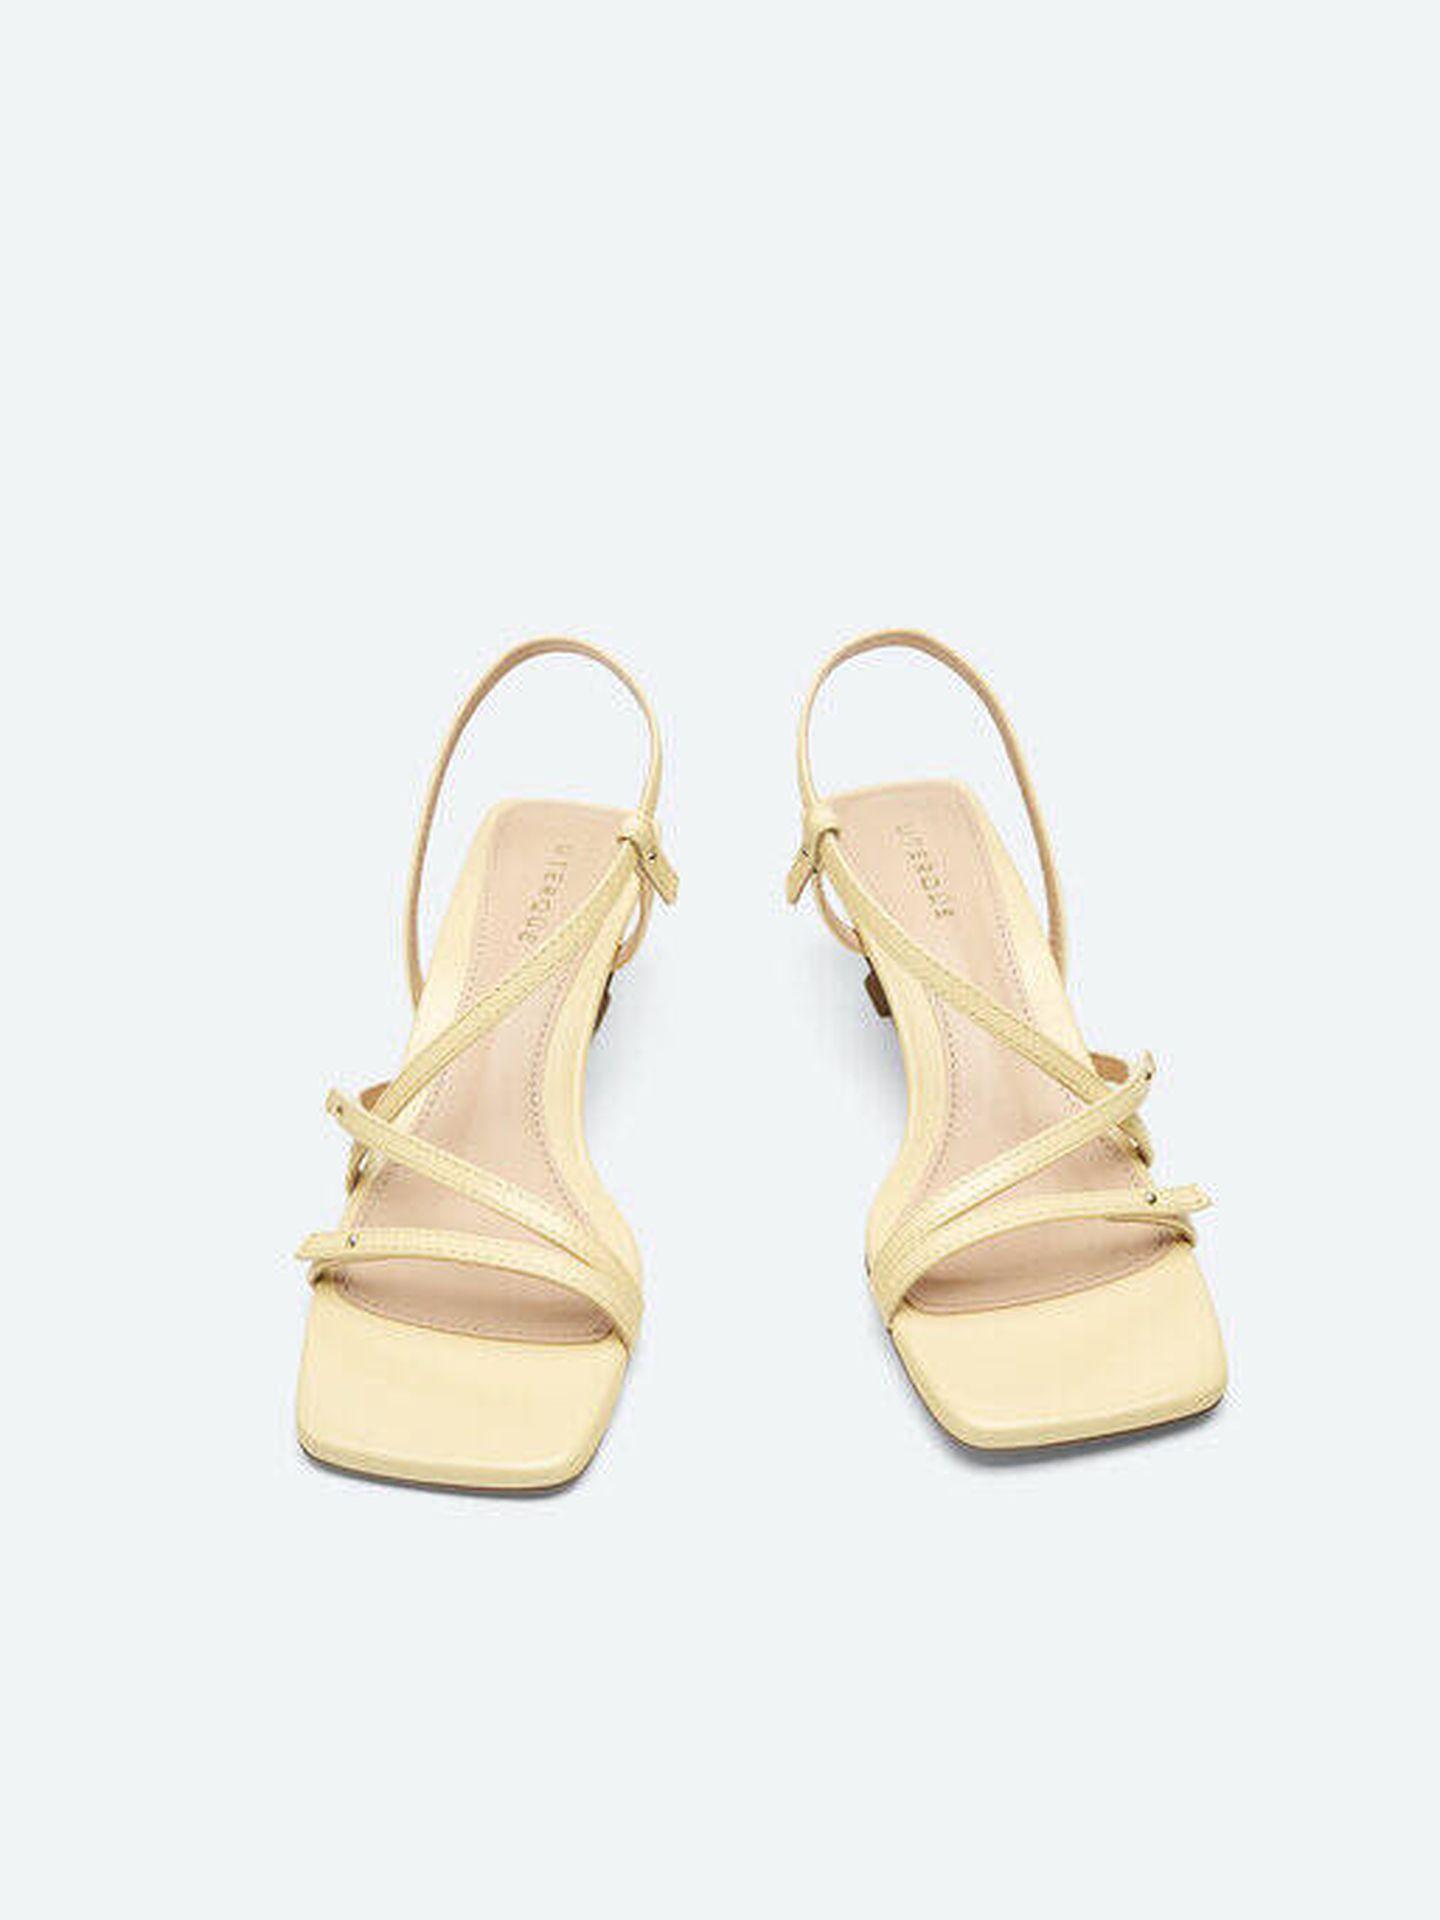 Zapatos de tacón de las rebajas de Uterqüe. (Cortesía)